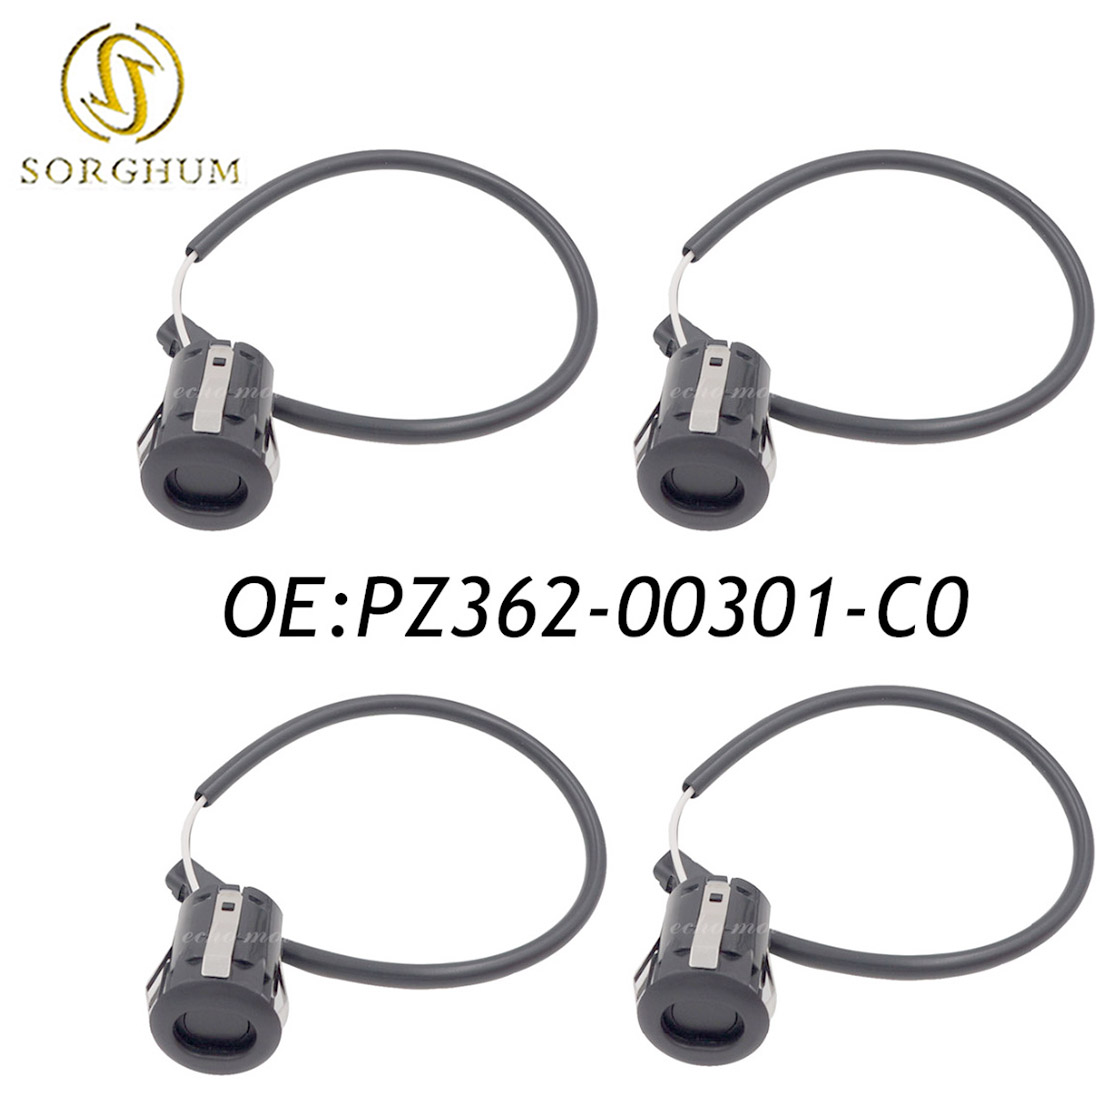 Nouveau Kit de capteur d'aide au stationnement/PDC pour pare-chocs 4 pièces pour Toyota PZ362-00301-C0 PZ362-00301